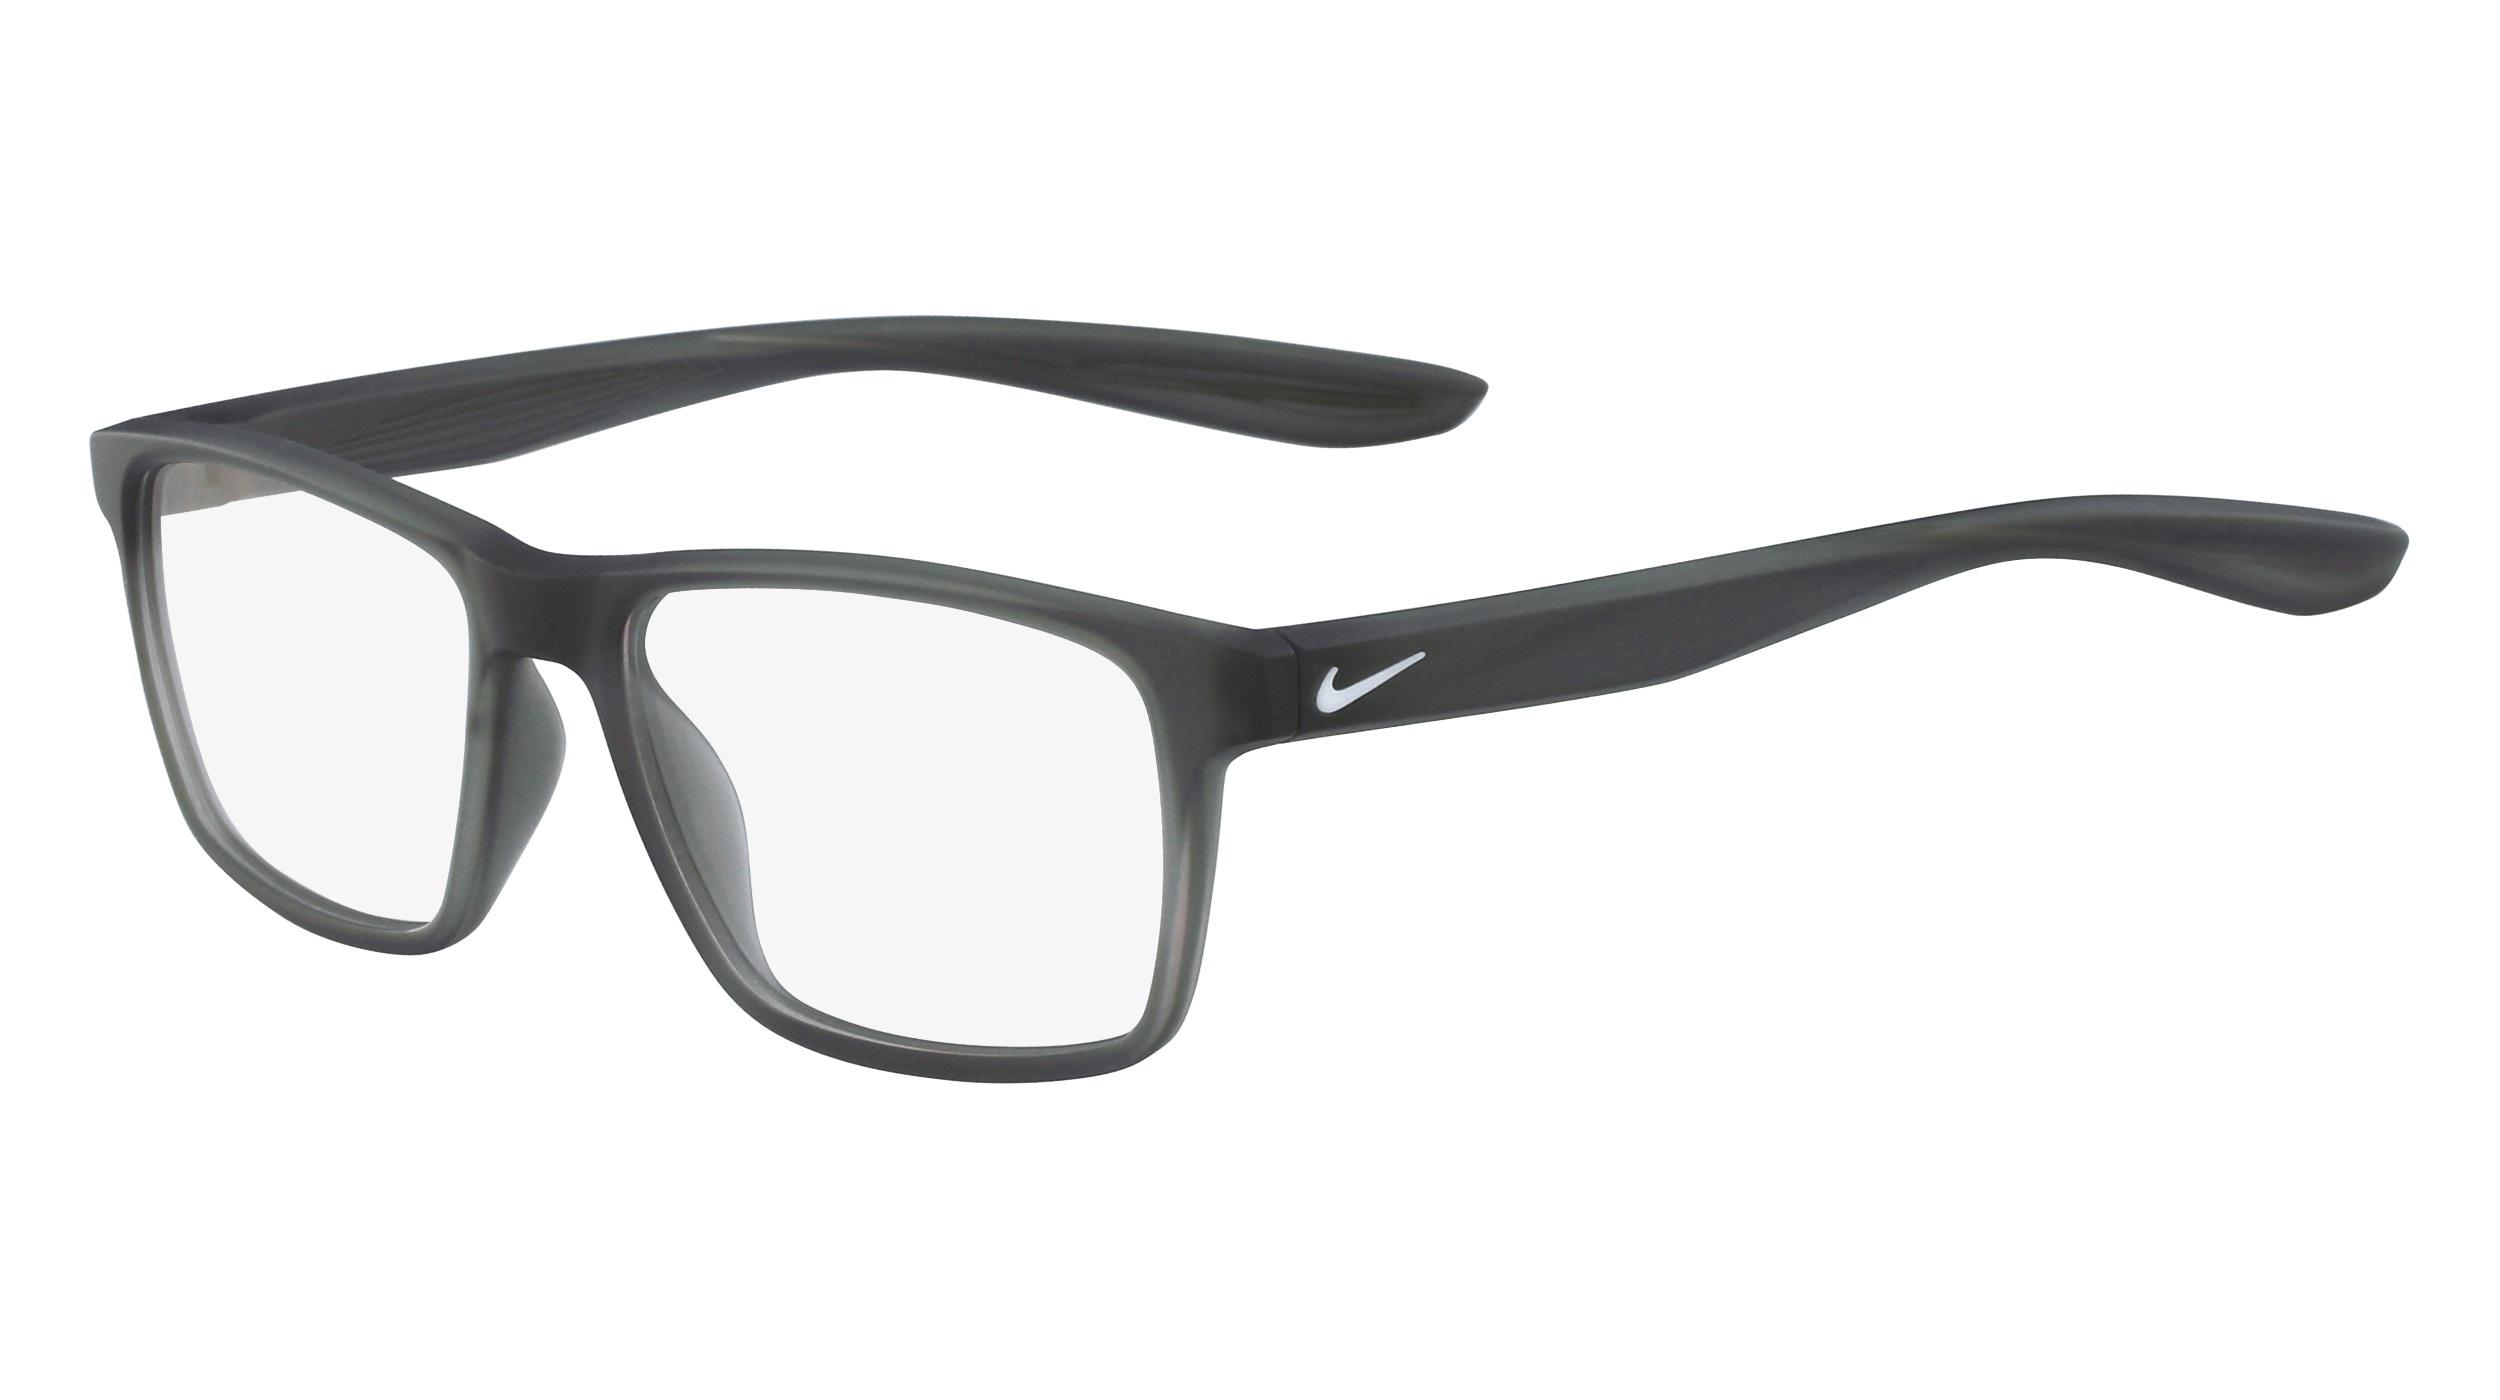 ad5791c691c Nike 5002-060 Kids Eyeglasses Matte Anthracite Nike5002-060 - Optiwow